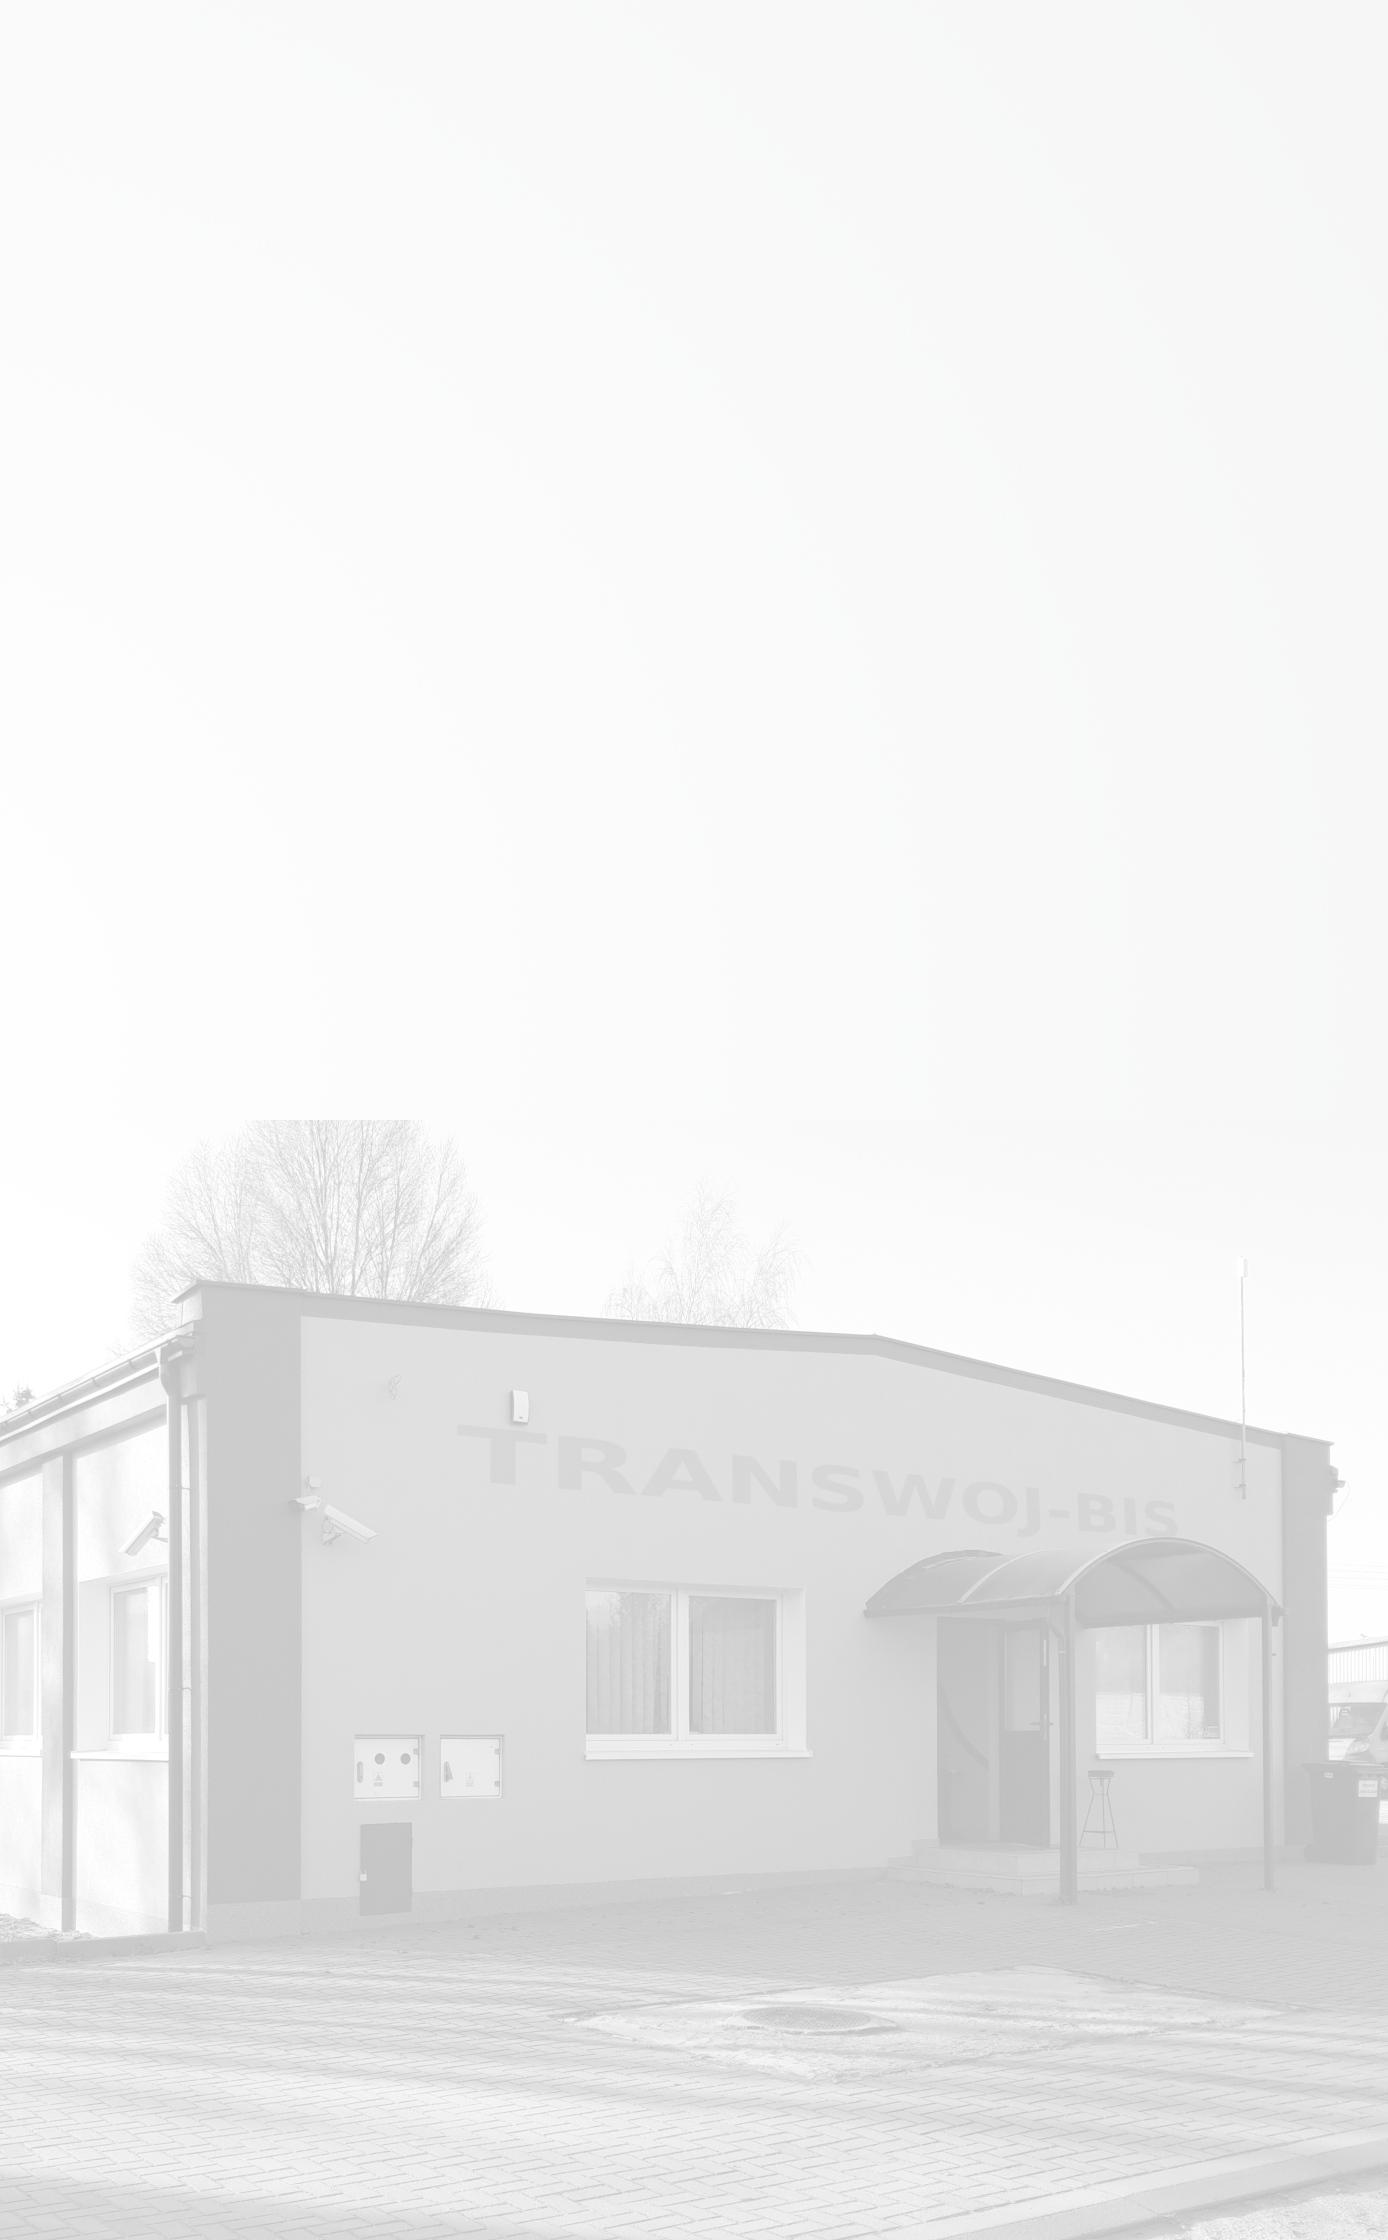 Generalny Wykonawca inwestycji budowlanych - TRANSWOJ-BIS